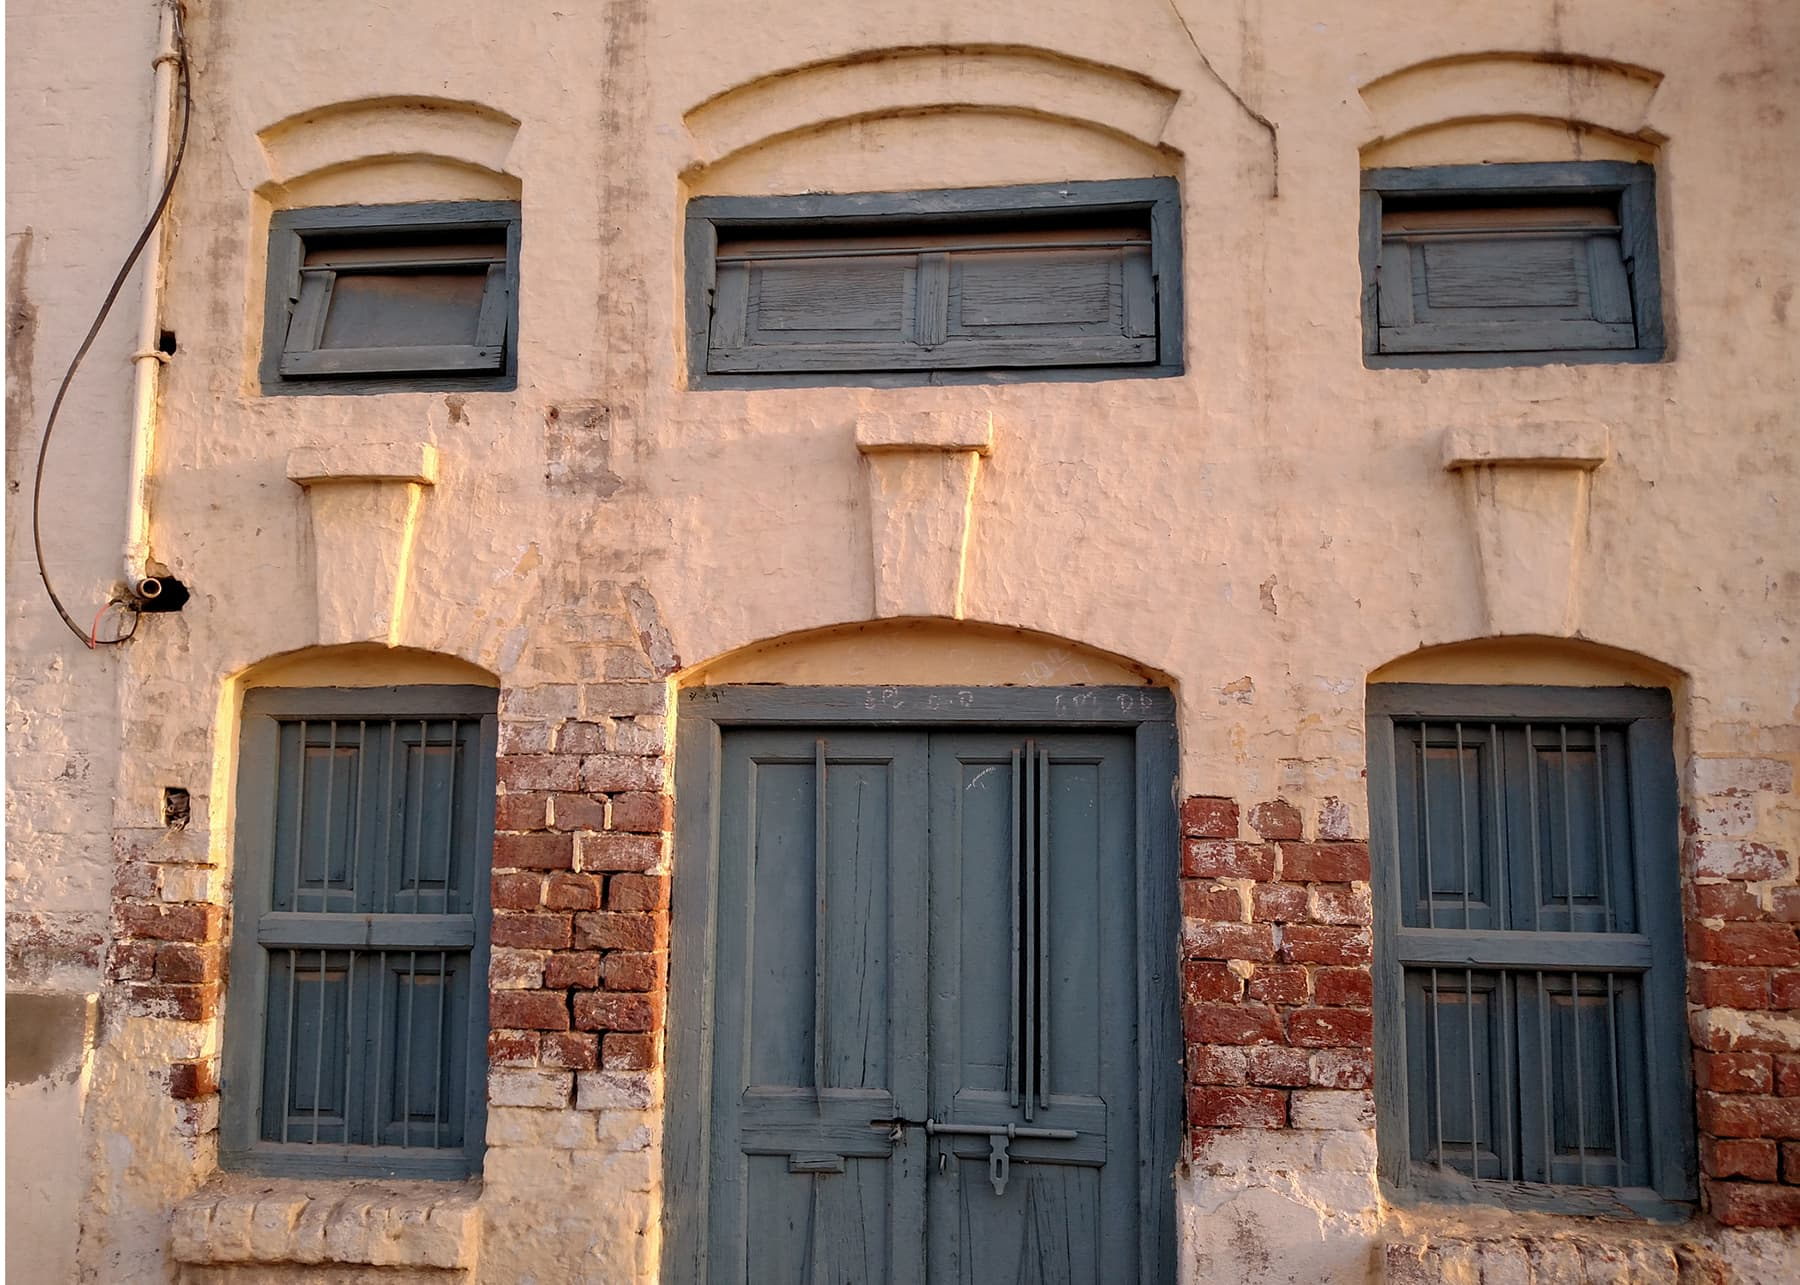 خیرپور کا ایک پرانا گھر—تصویر عبیداللہ کیہر